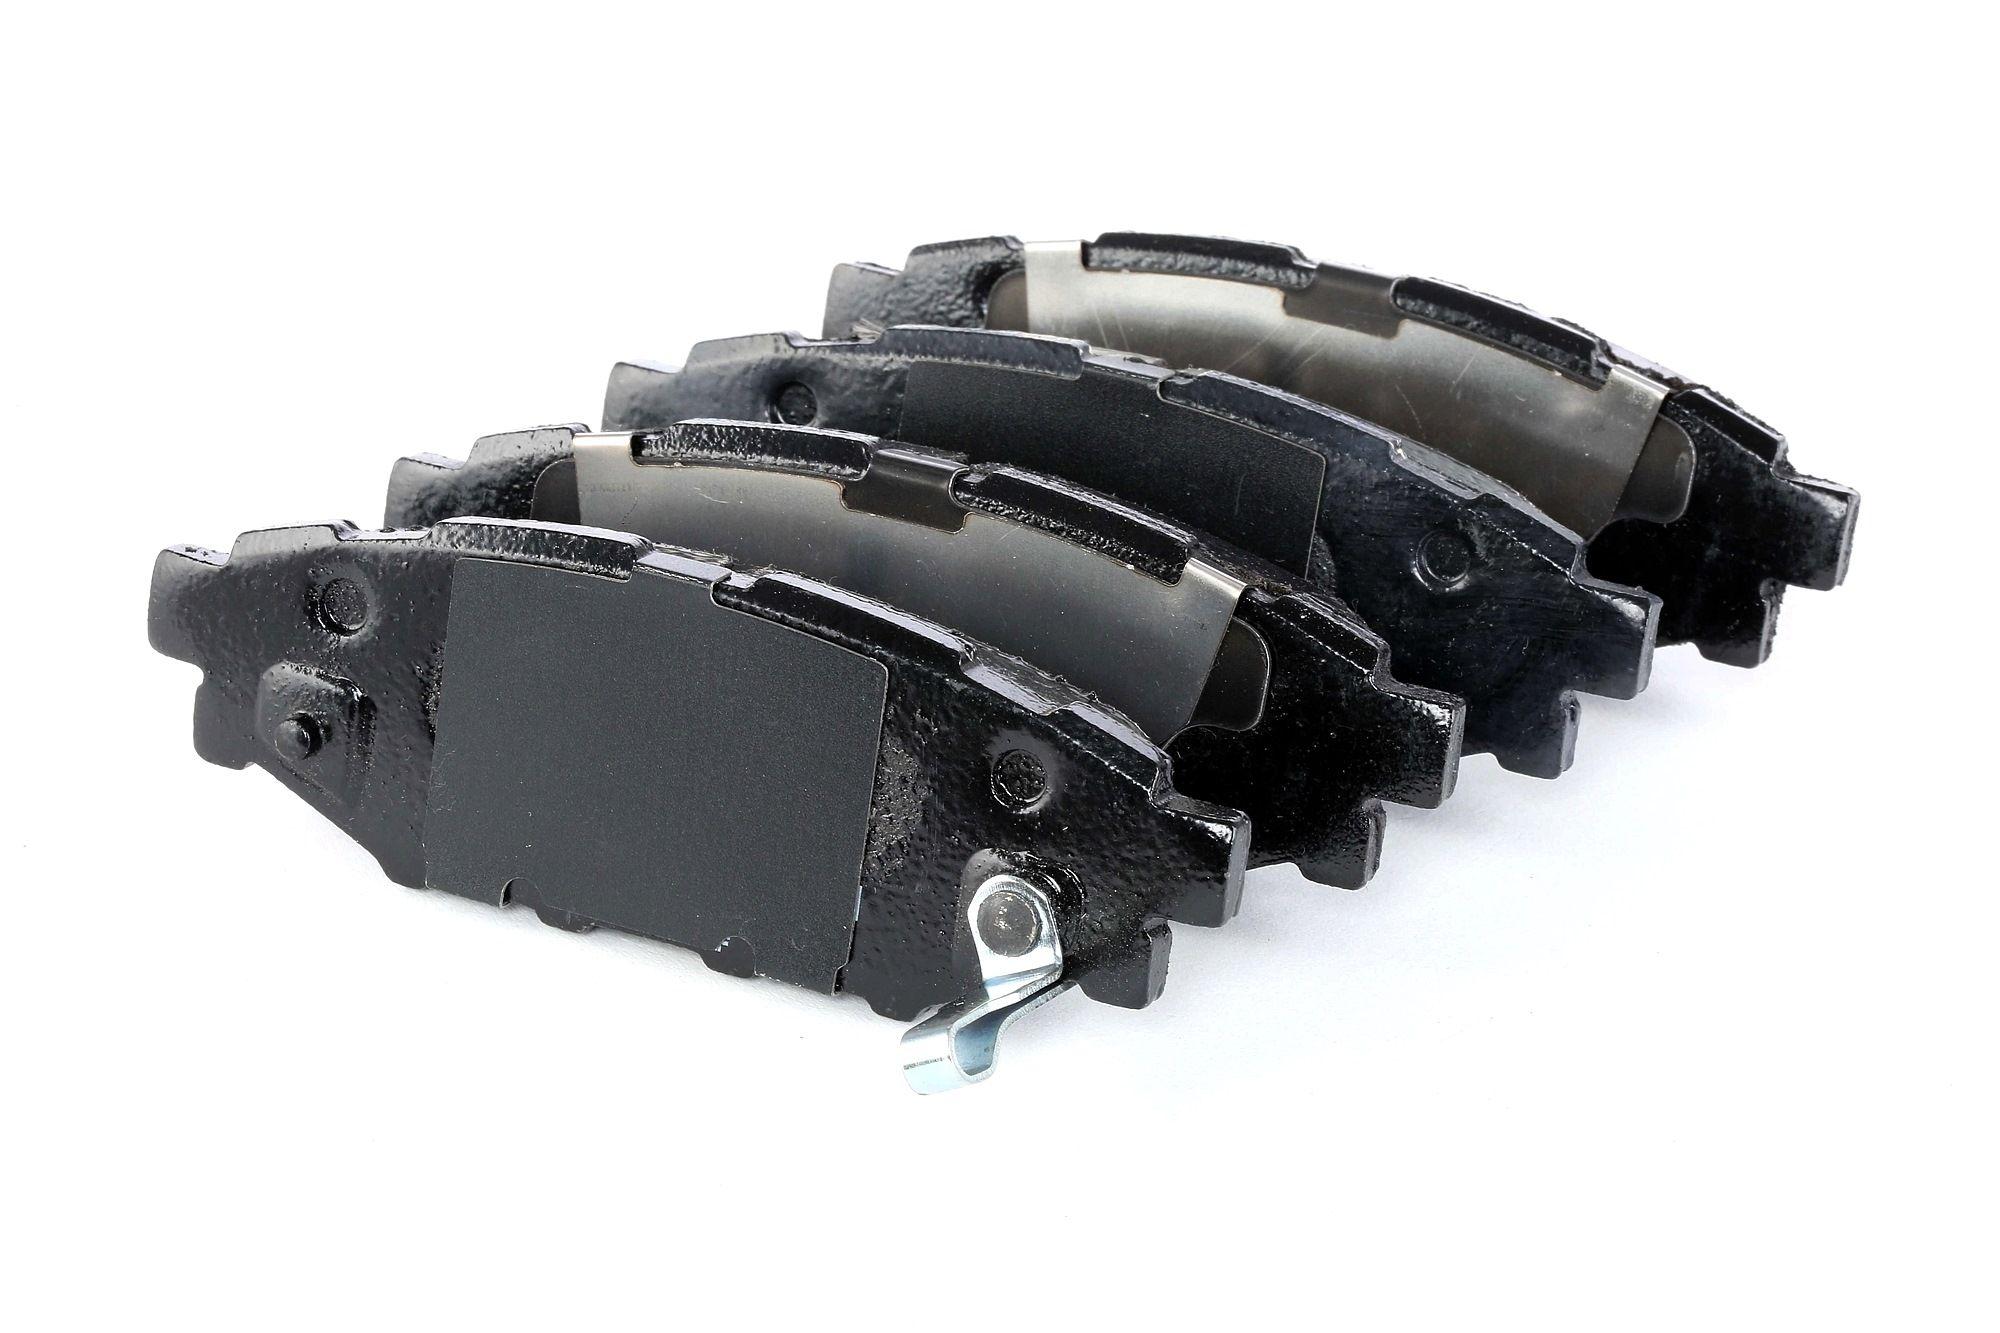 SUBARU LEGACY 2015 Bremsklötze - Original BOSCH 0 986 494 444 Höhe: 37,3mm, Breite: 110,8mm, Dicke/Stärke: 13,8mm